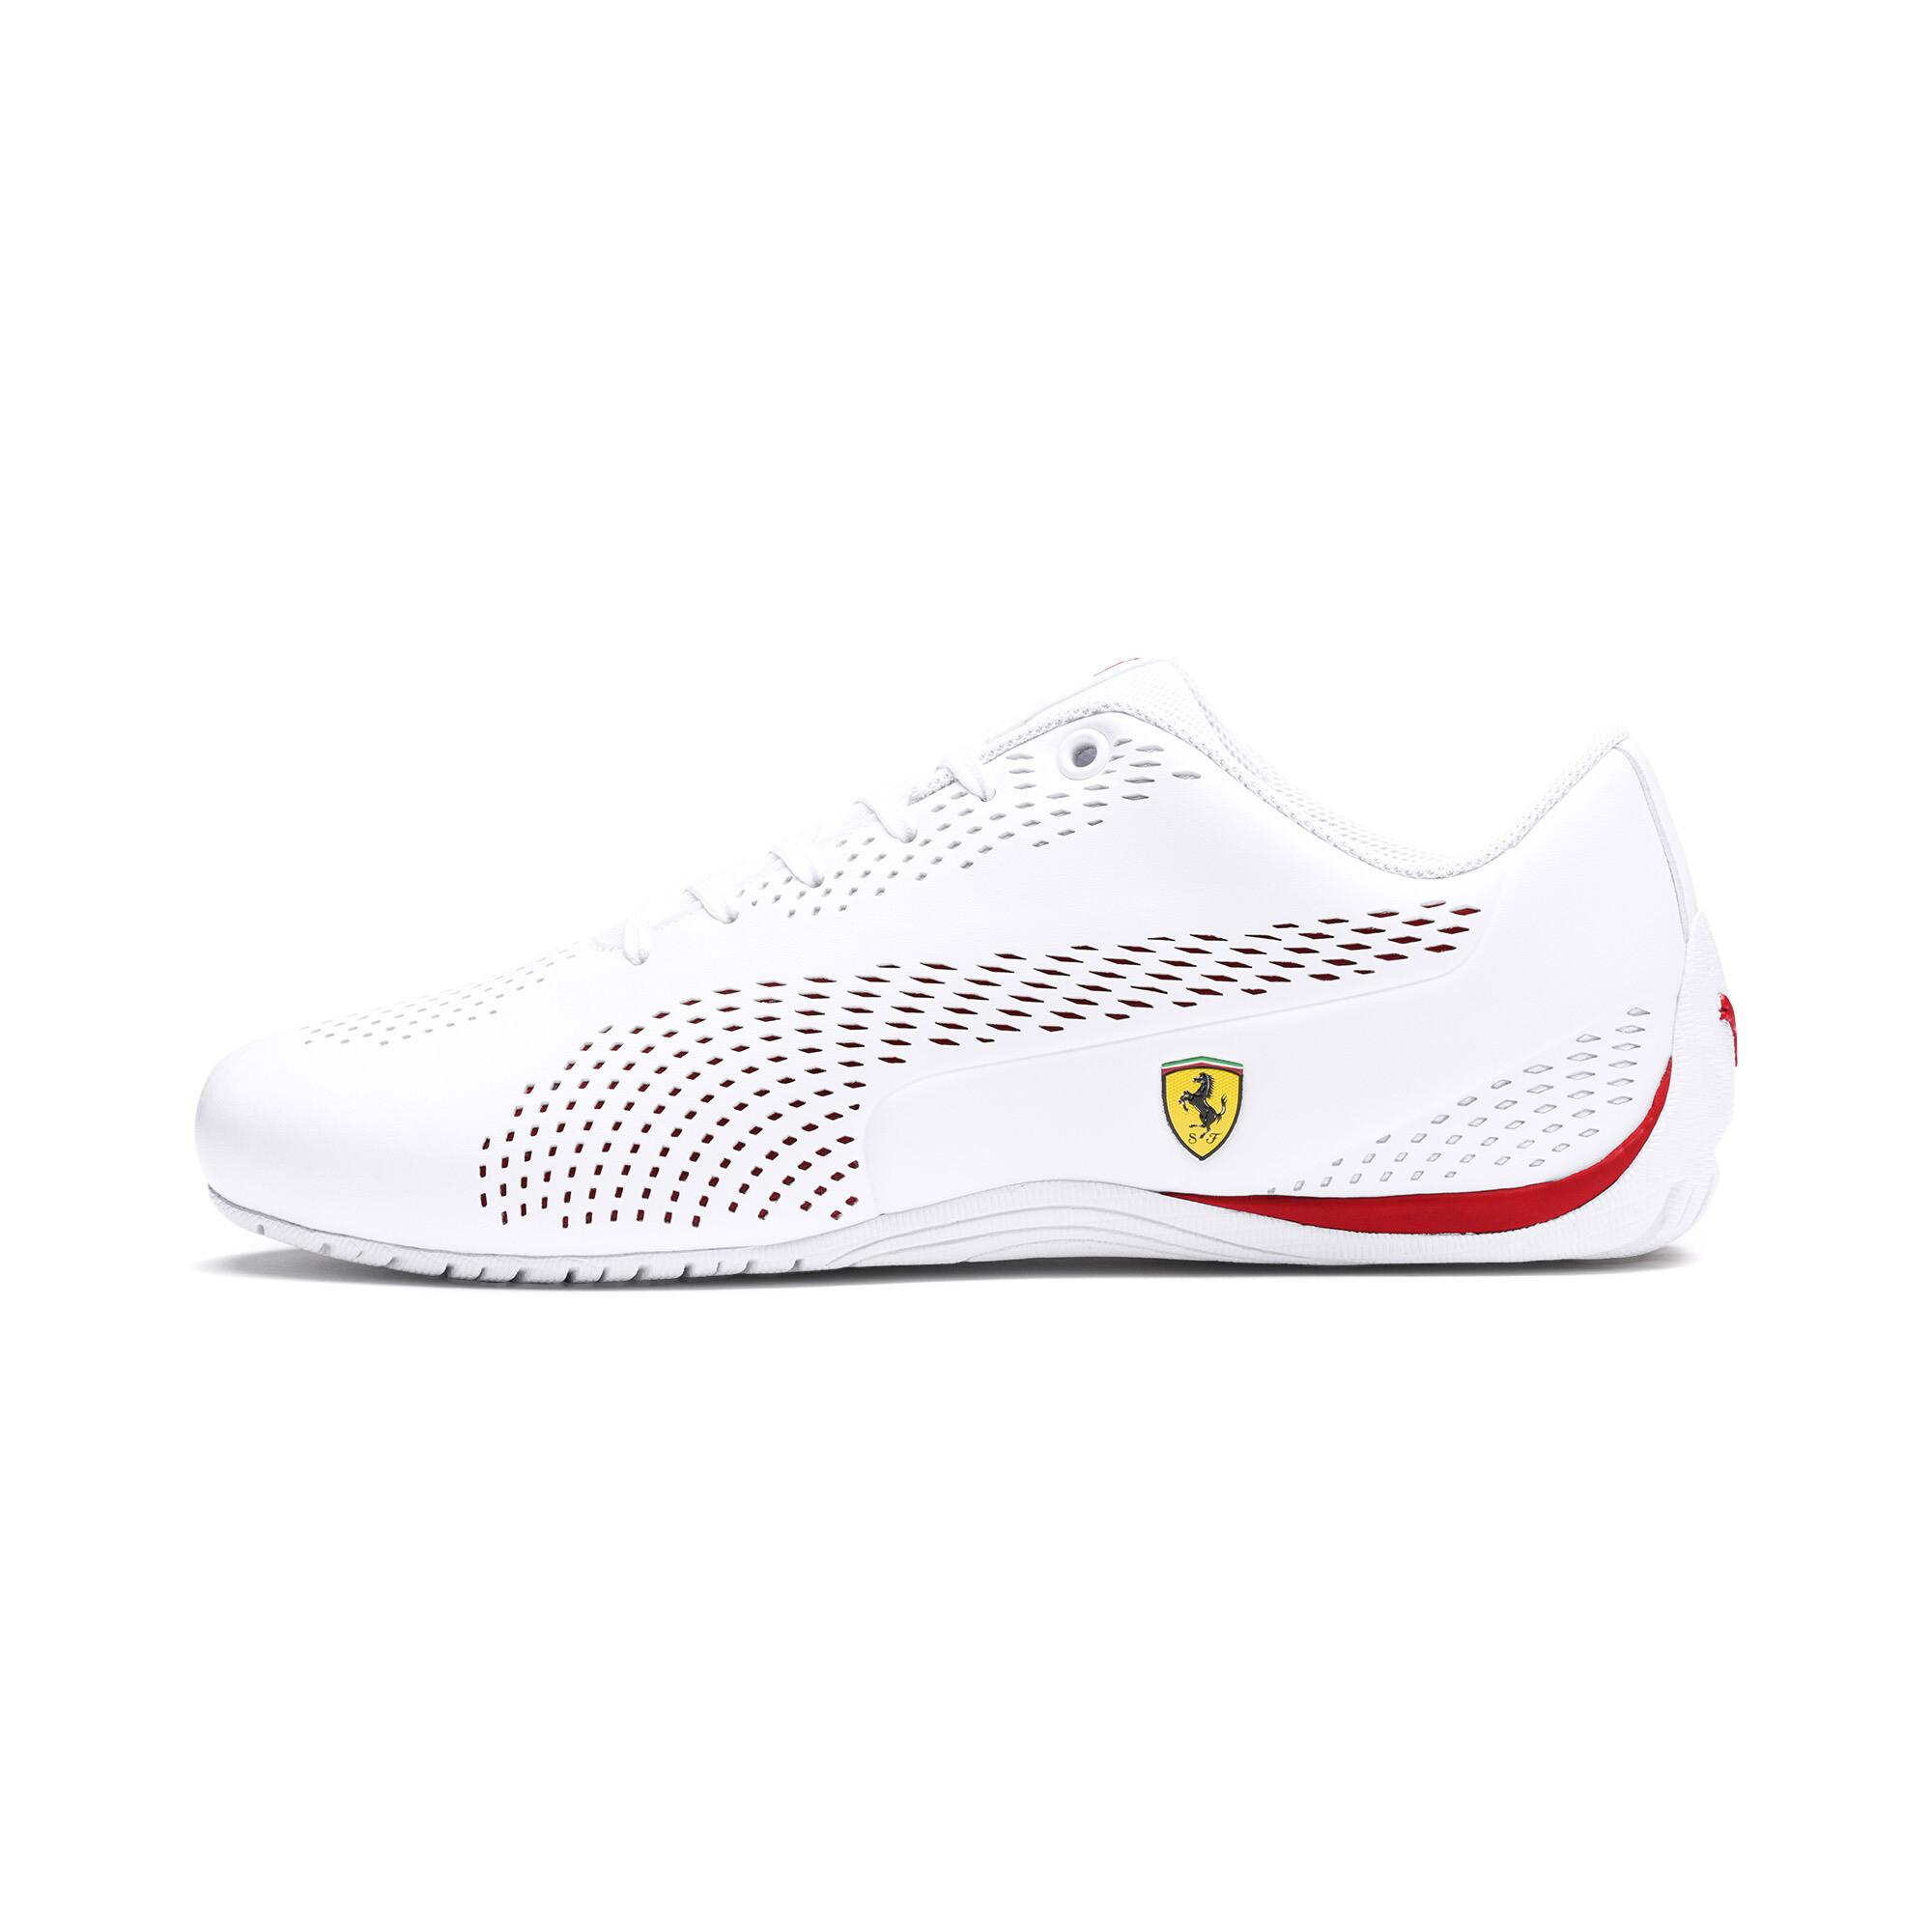 PUMA-Scuderia-Ferrari-Drift-Cat-5-Ultra-II-Men-039-s-Shoes-Unisex-Shoe-Auto thumbnail 7